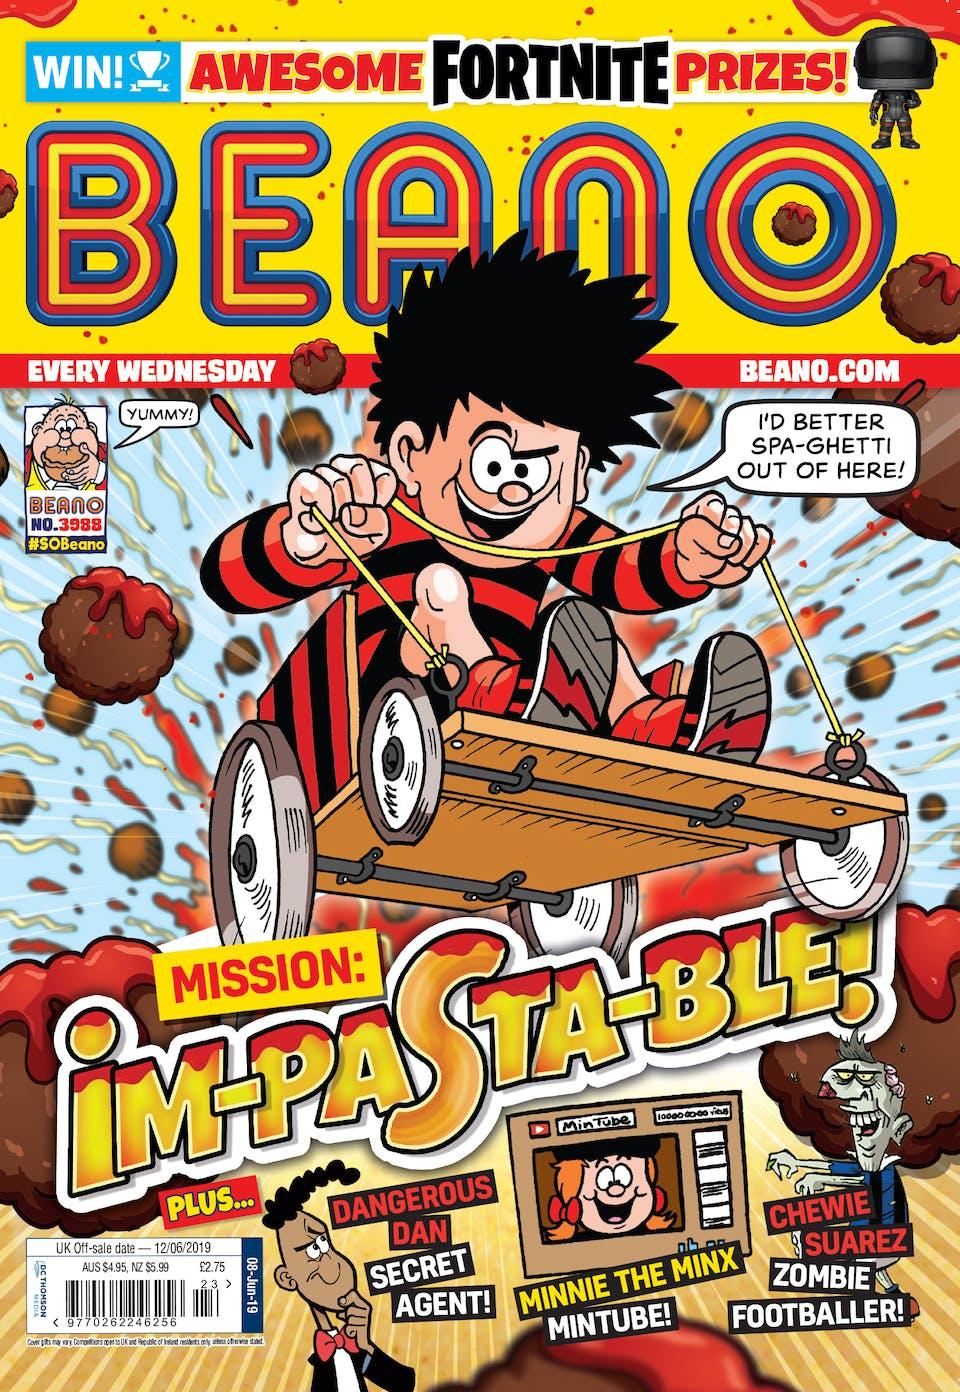 Inside Beano 3988 - Mission Im-pasta-ble!